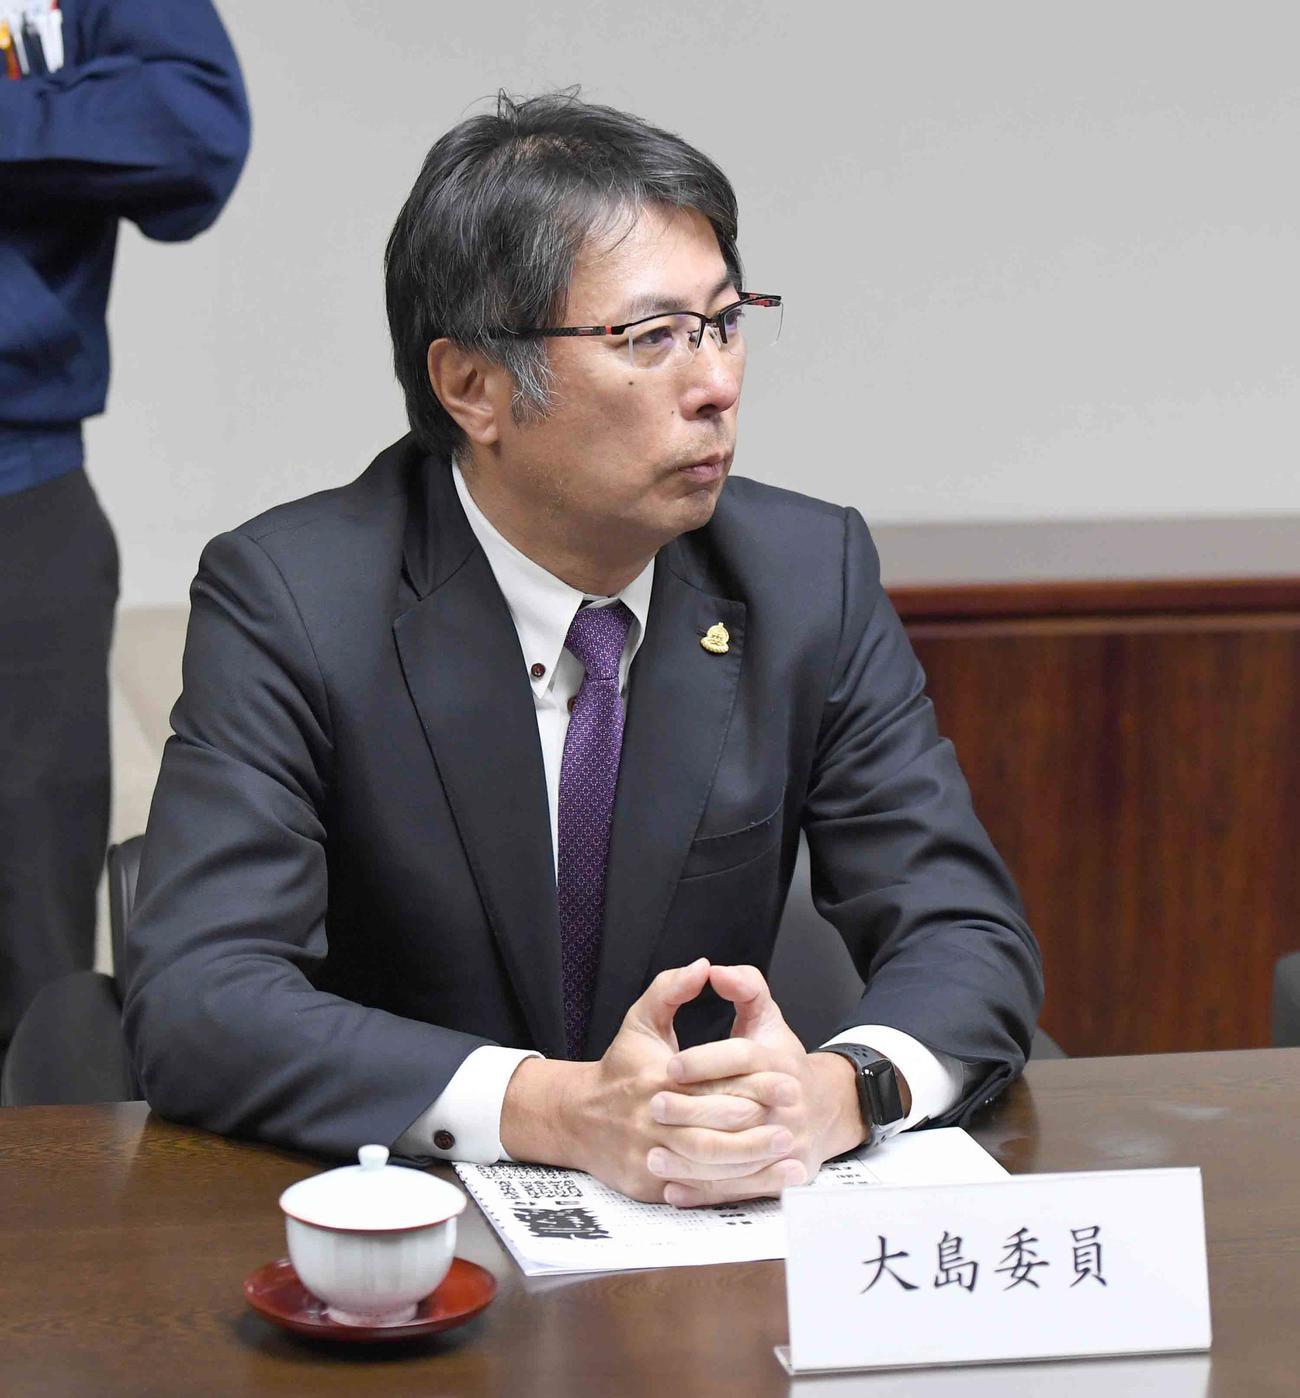 大島宇一郎氏(2020年1月27日撮影)